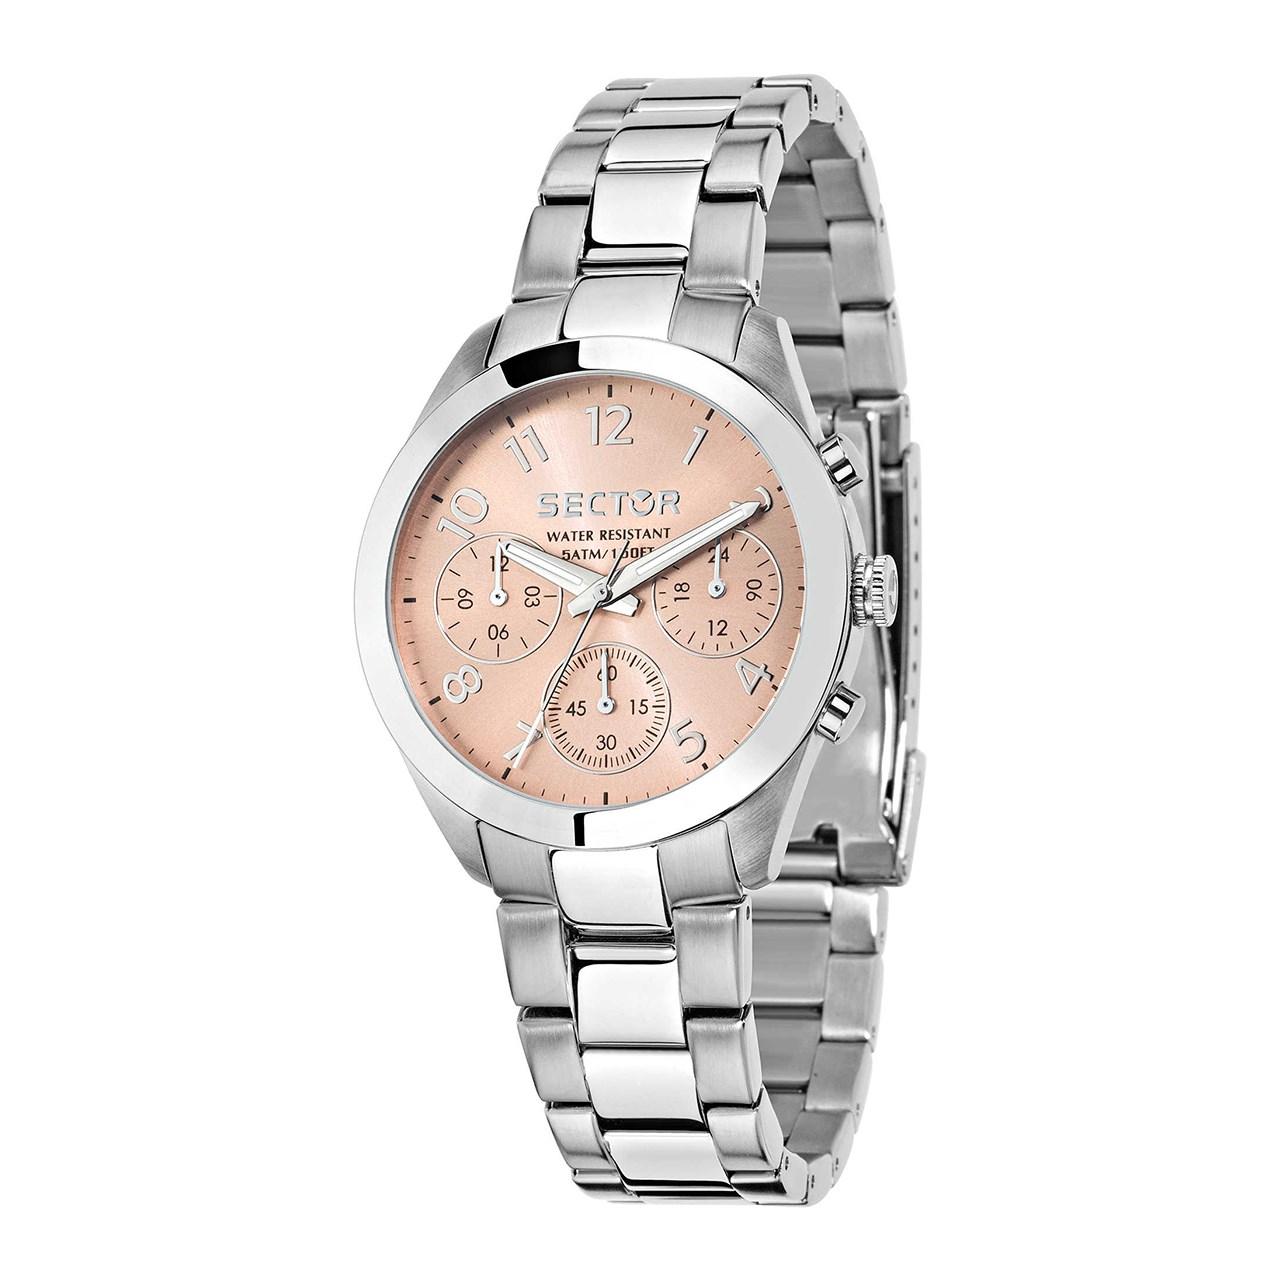 ساعت مچی عقربه ای زنانه  سکتور مدل 120-3253588503